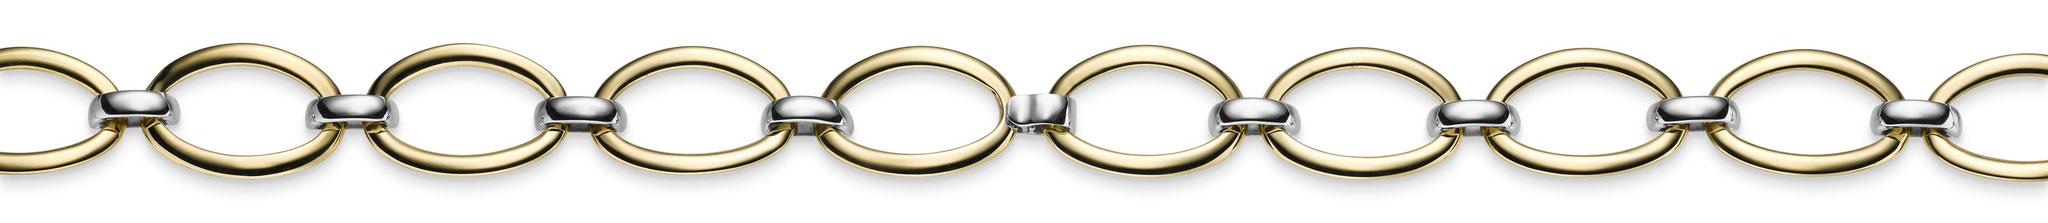 585er Gelbgold, elastisches Armband, Art: 7815, UVP: 805 €